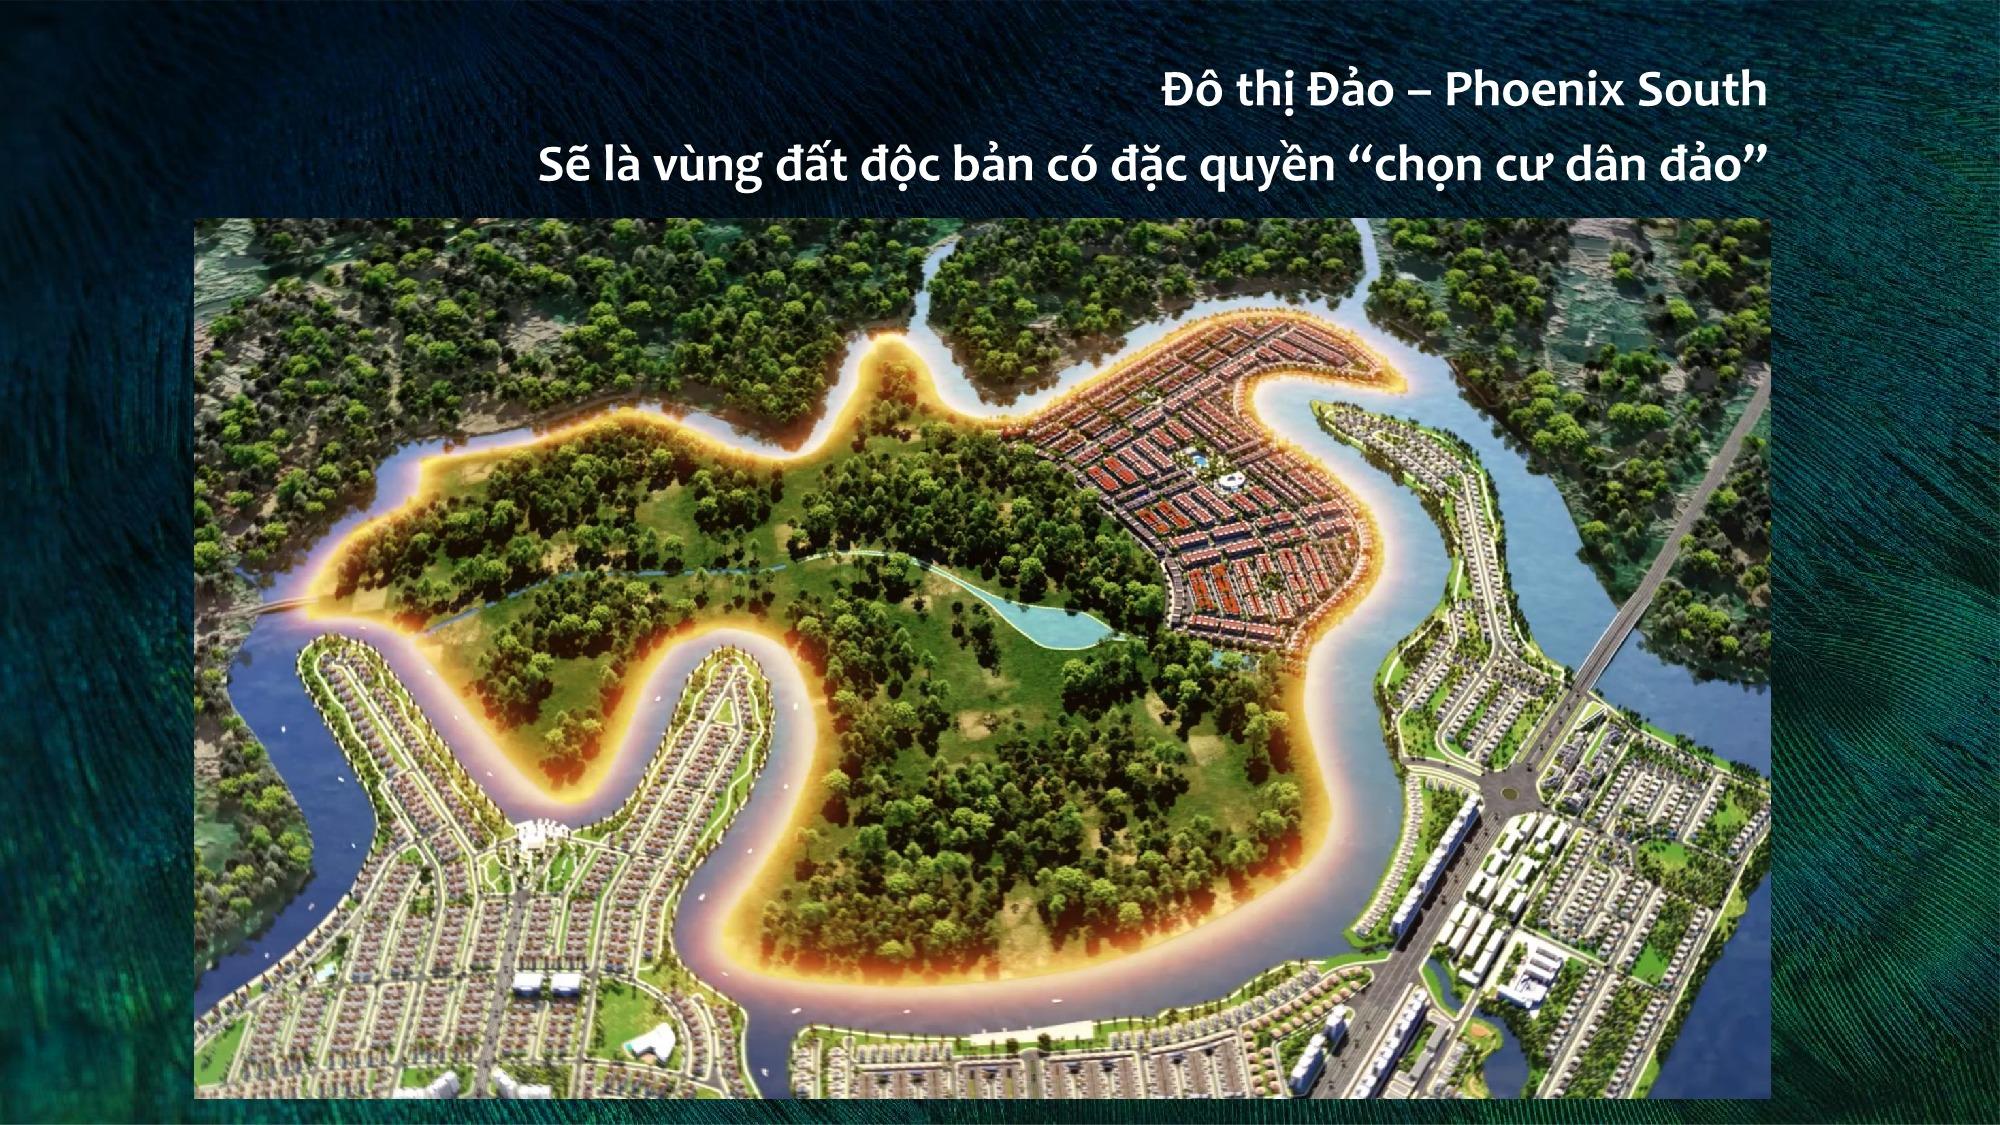 Phối cảnh tổng thể Aqua City phân khu Phoenix South